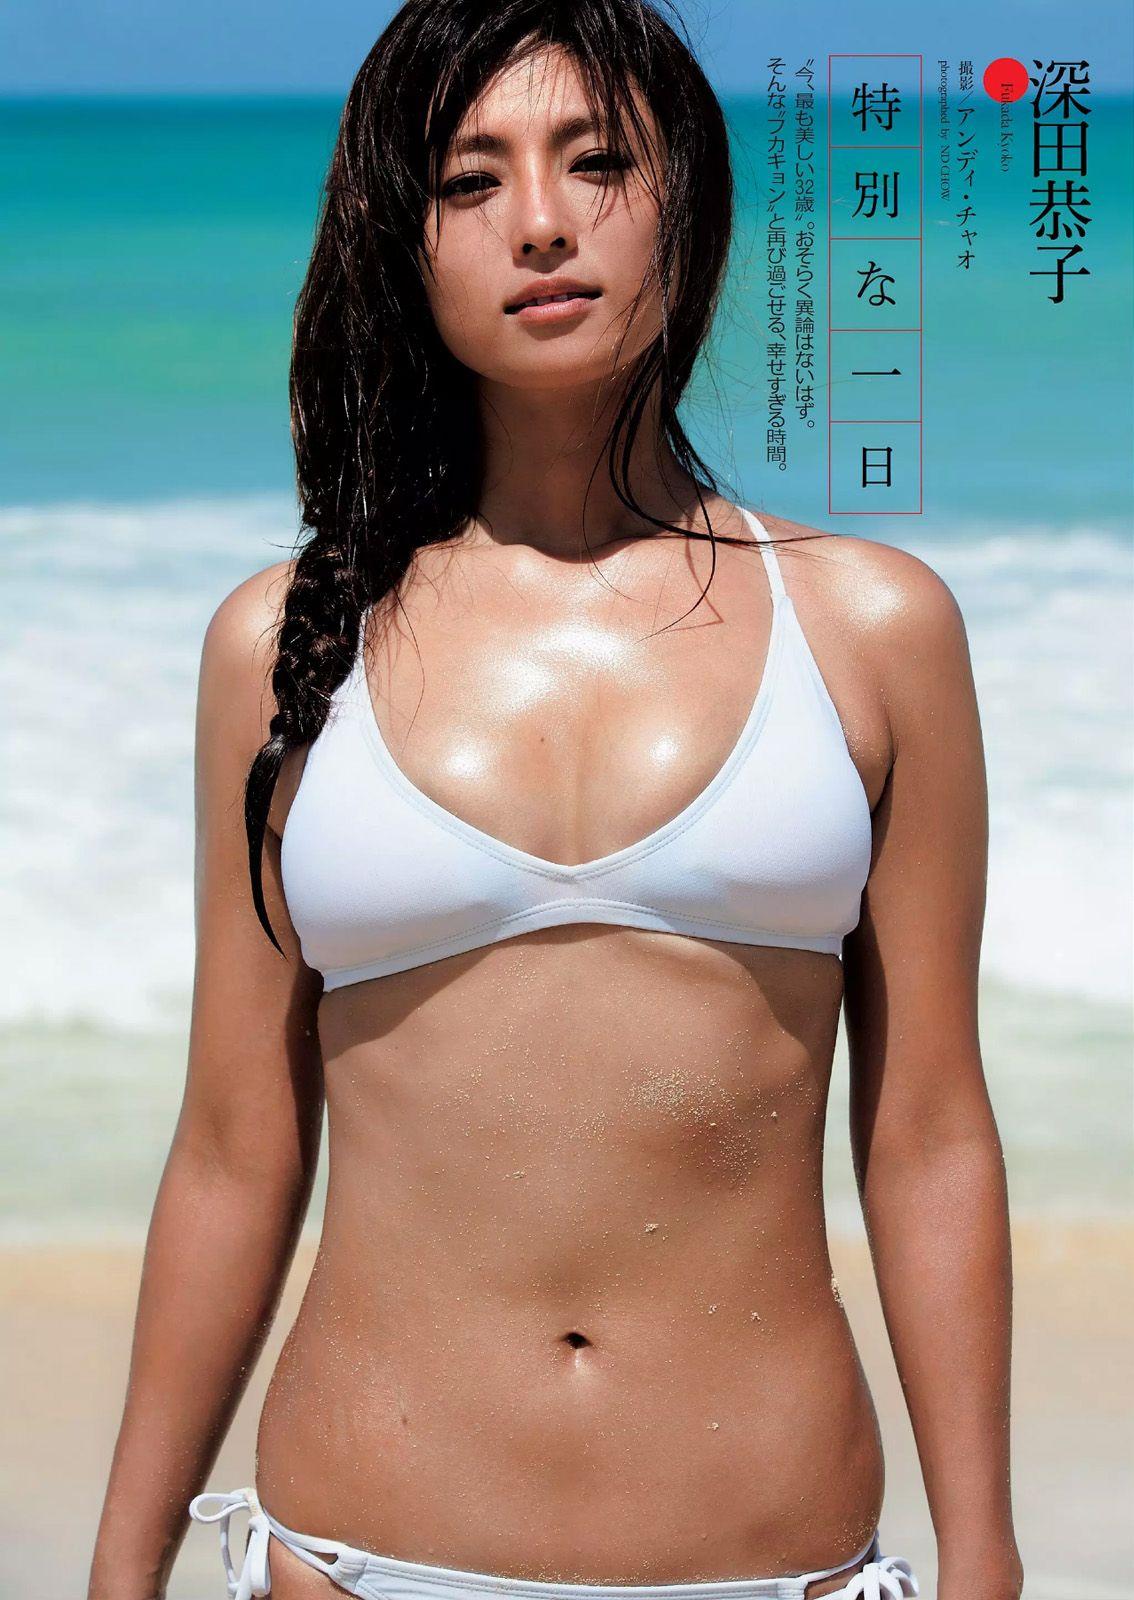 kyoko fukada nude fake kyouko fukada nude 深田恭子 Kyoko Fukada 週刊プレイボーイ Weekly Playboy No 28 2015  Images